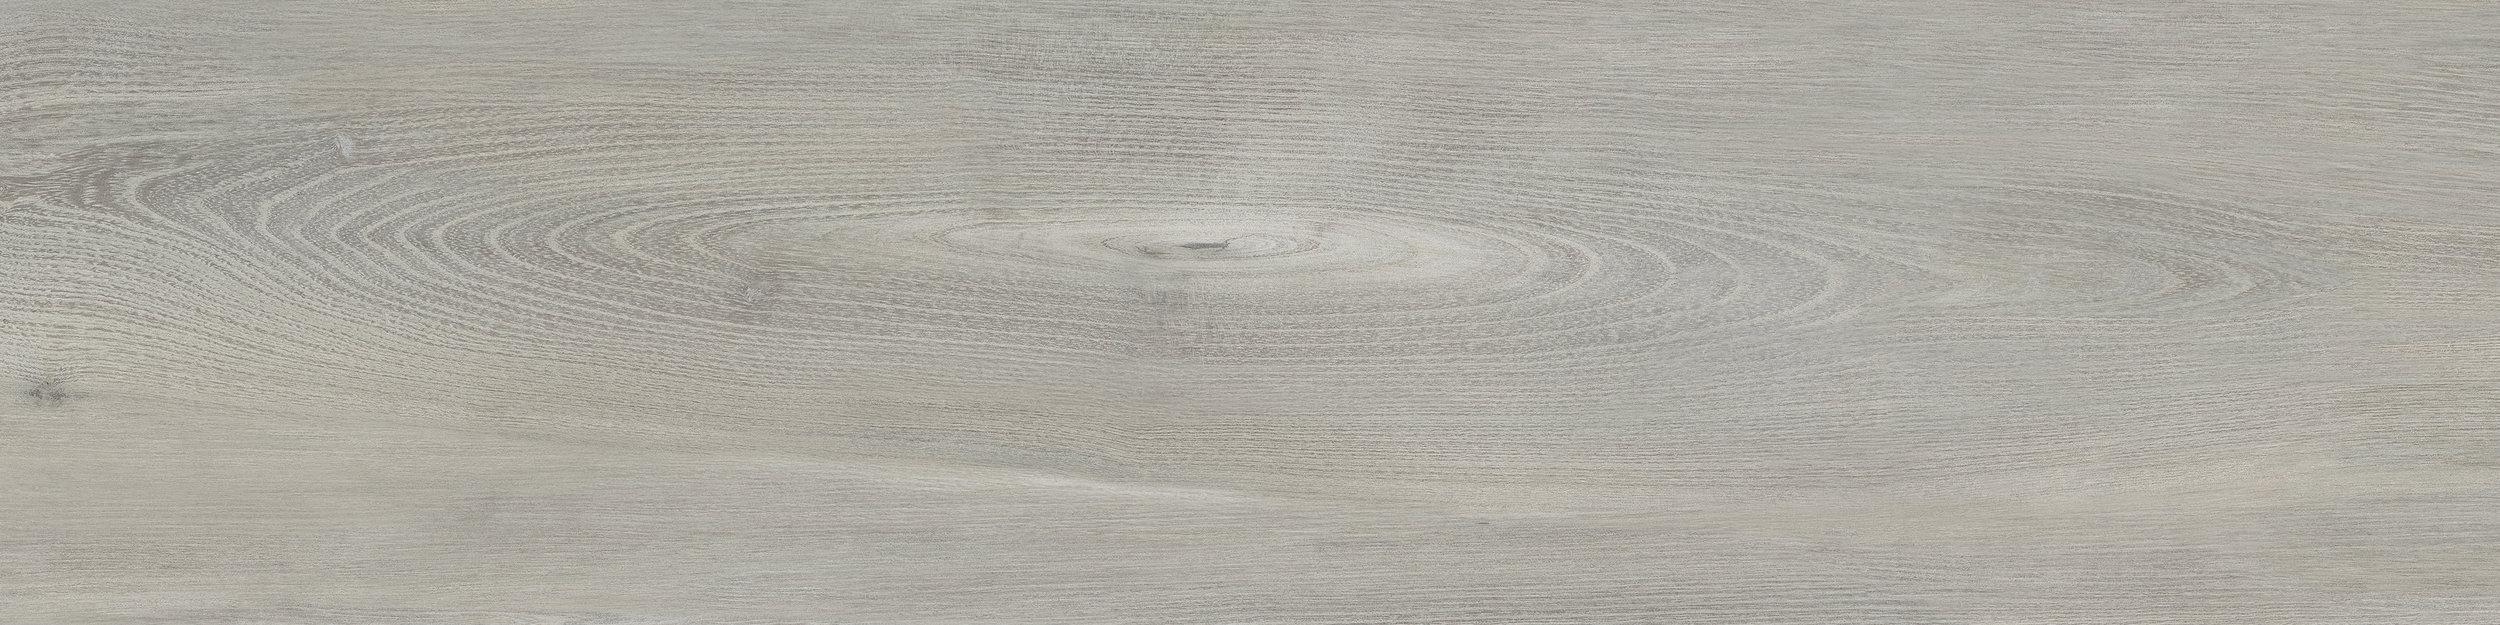 Luxor Grigio 22.5x90 cm